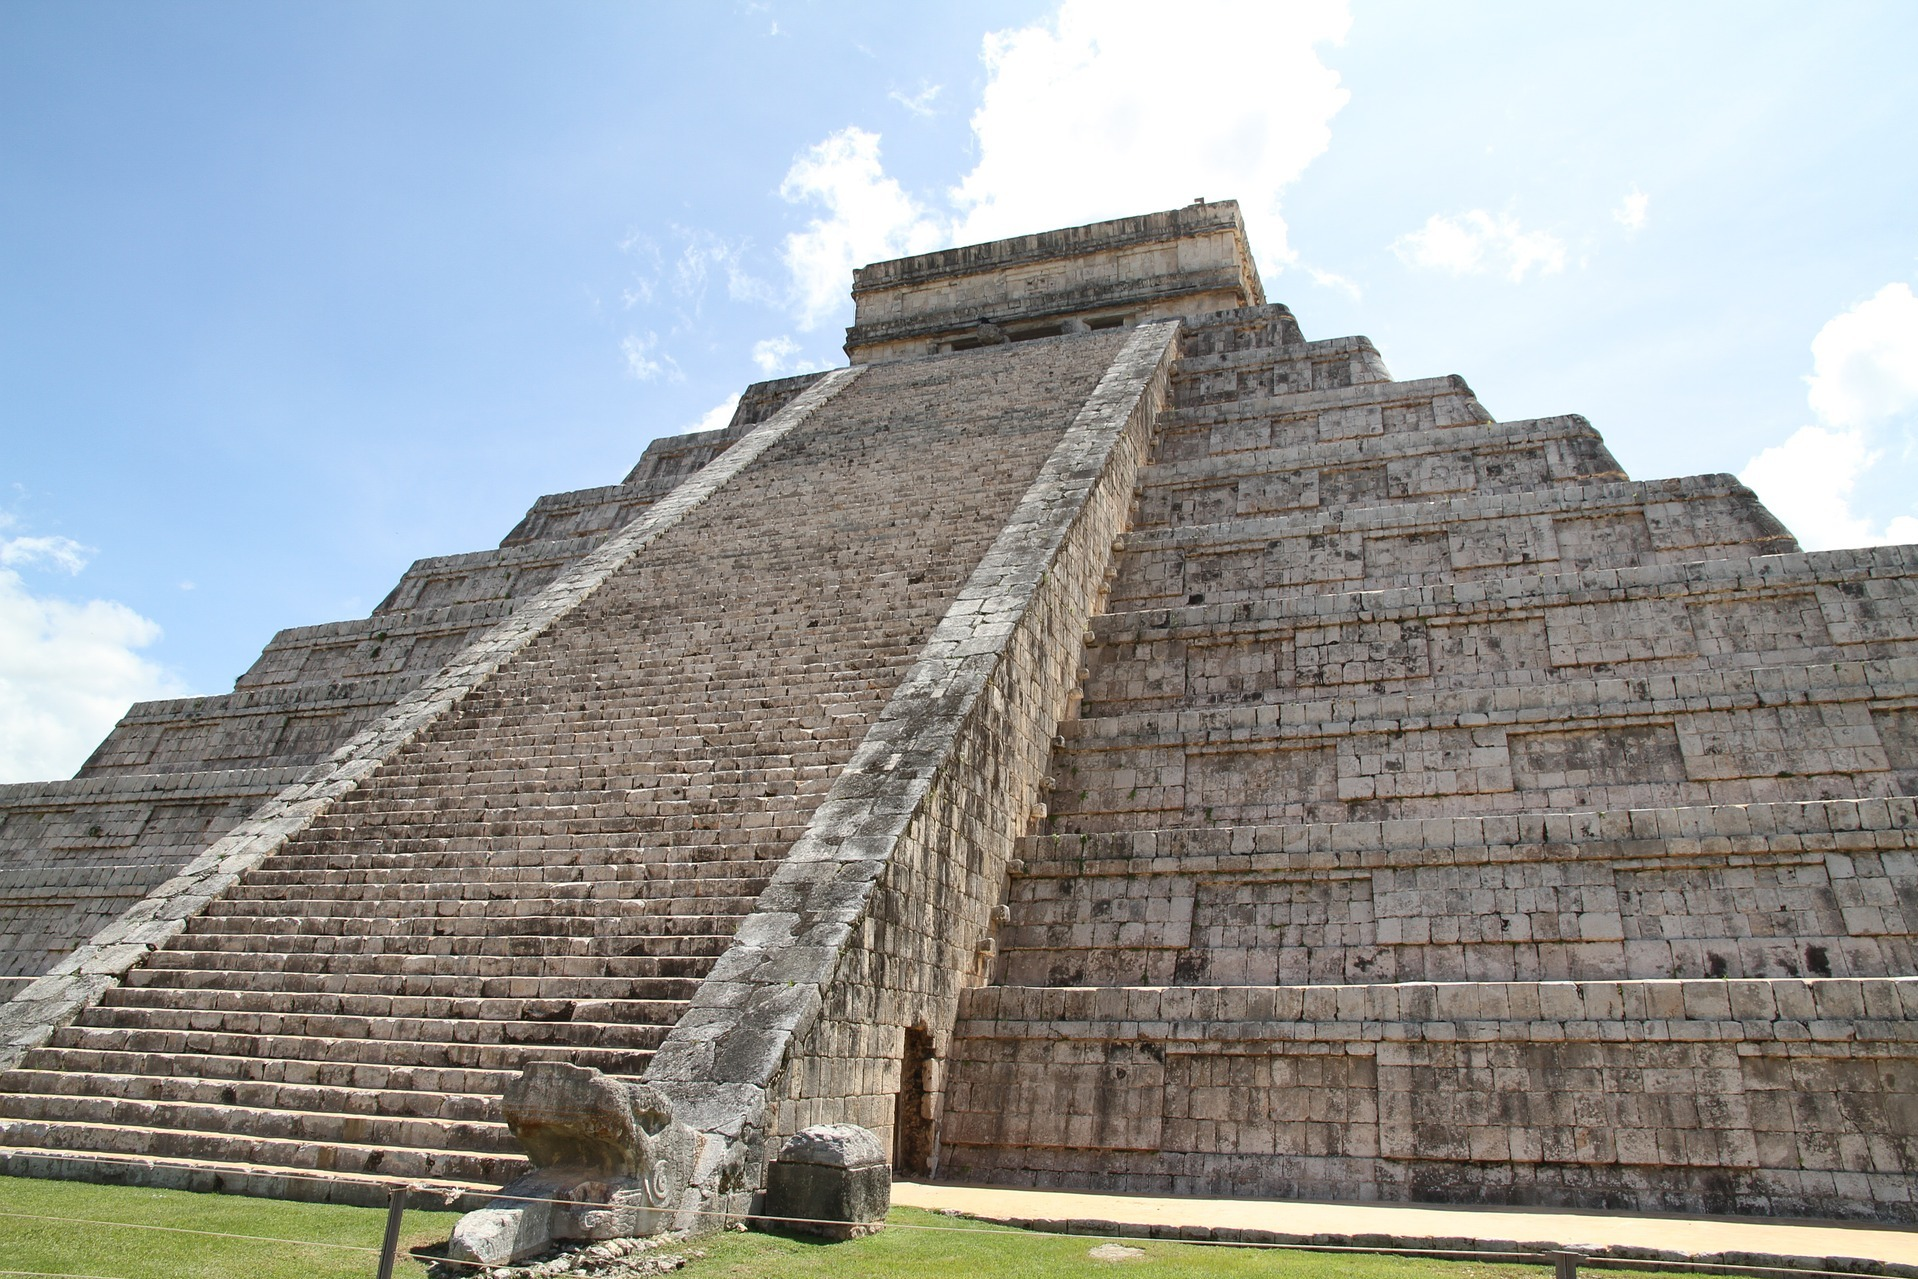 Yucatan, Mexico's Chichen Itza steps